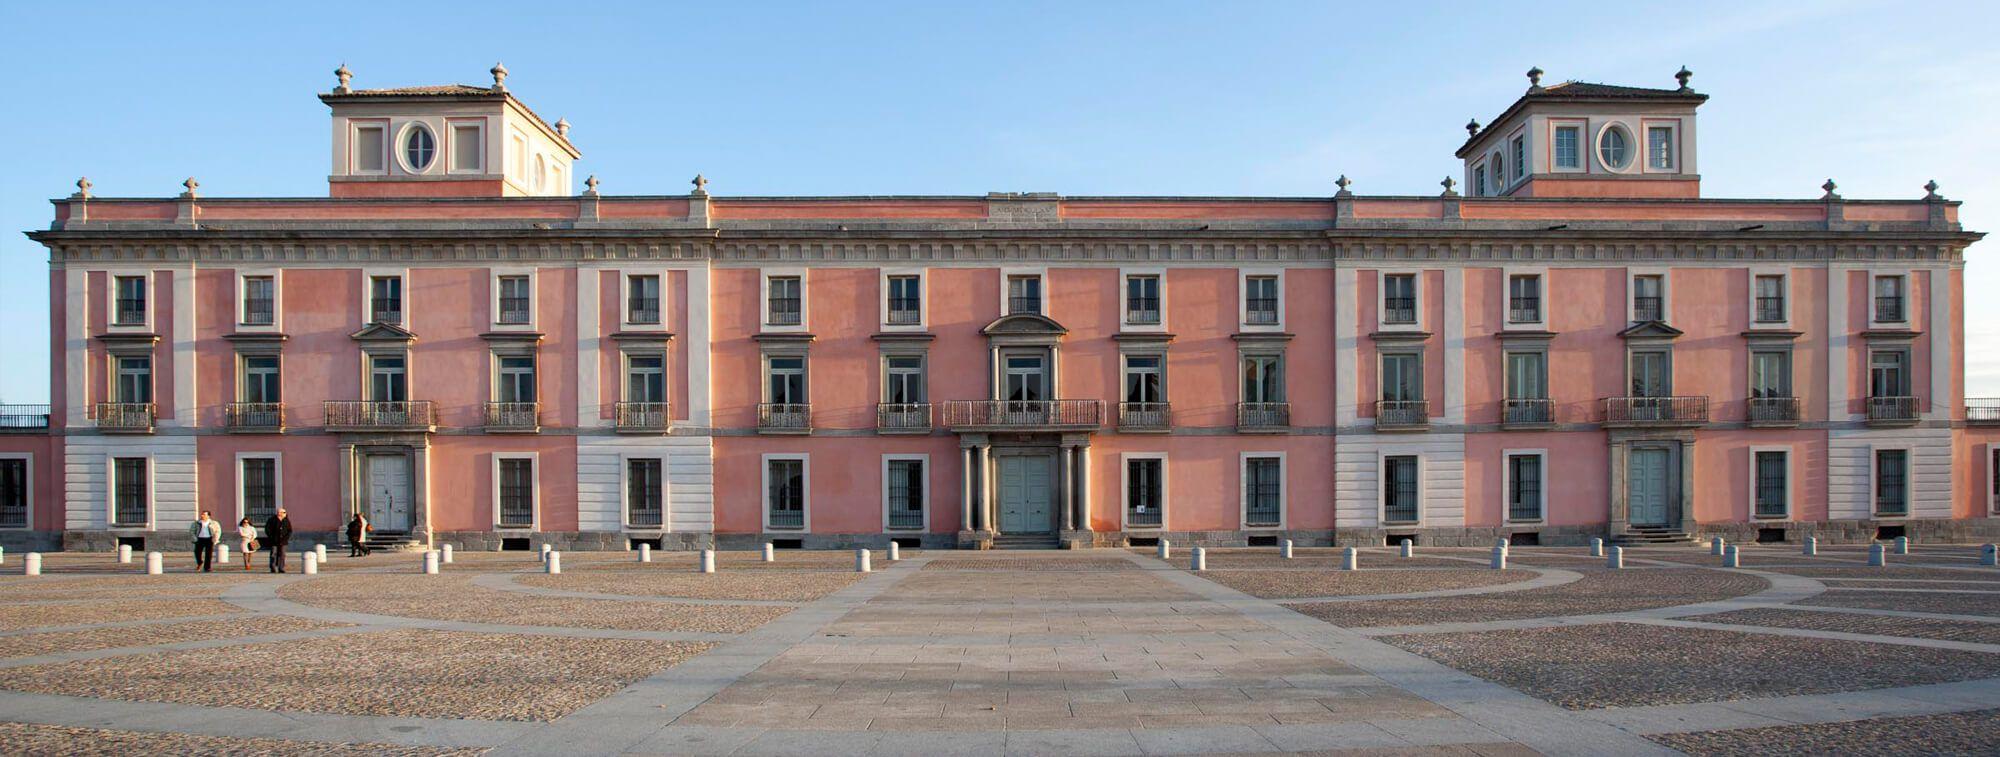 Palacio de boadilla del monte eventos actividades - Residencia boadilla del monte ...